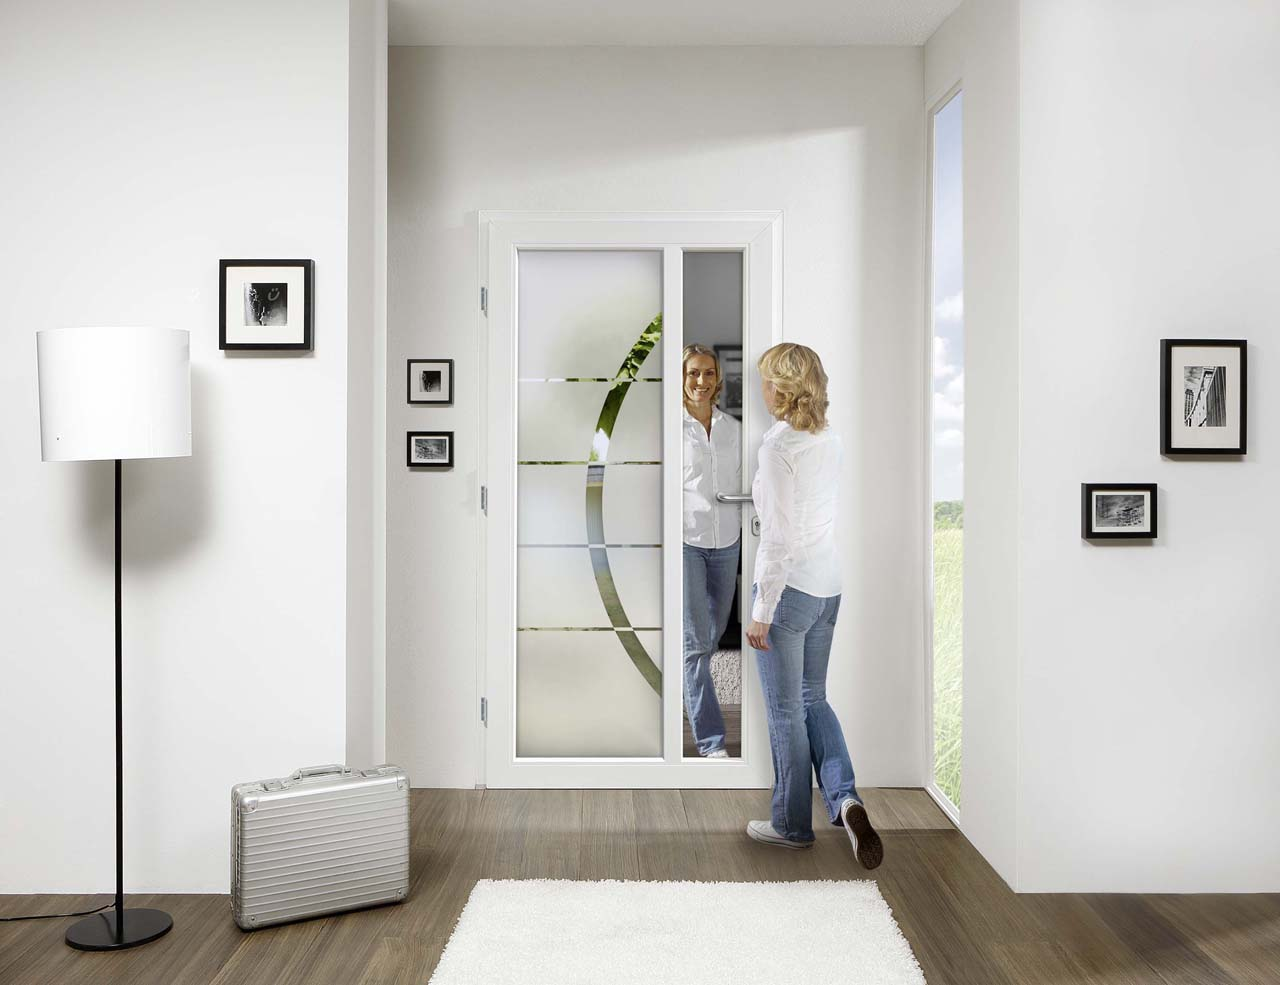 kategorie archiv f r dienstleistungen c lappas gmbh. Black Bedroom Furniture Sets. Home Design Ideas